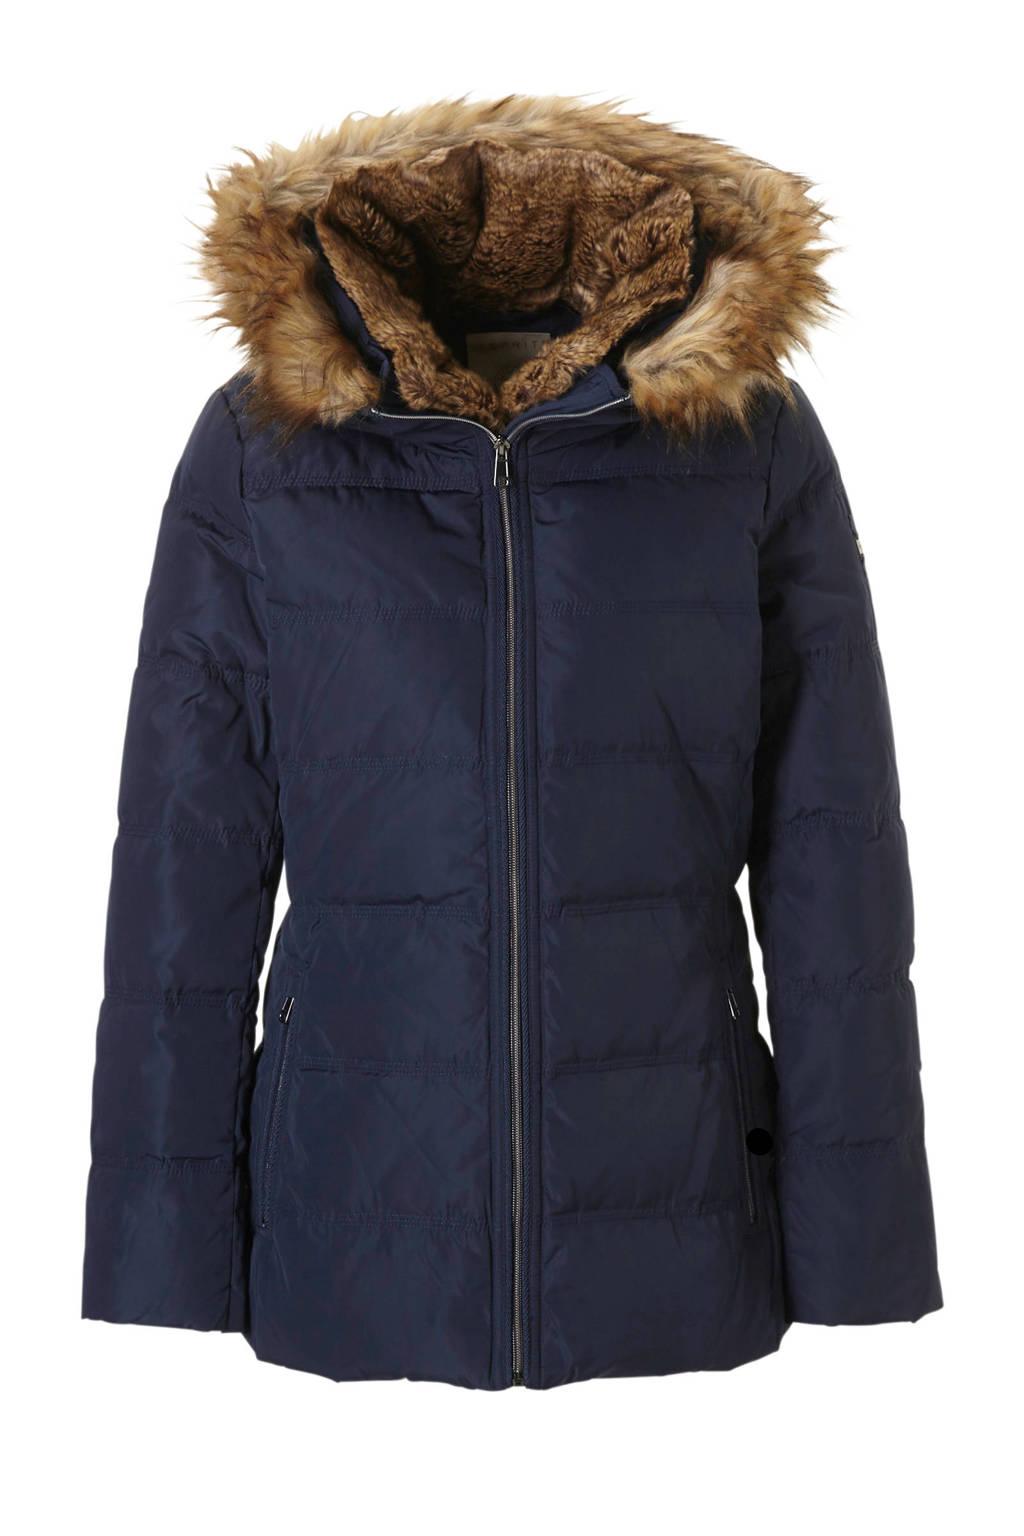 ESPRIT Women Casual winterjas, Donkerblauw/bruin